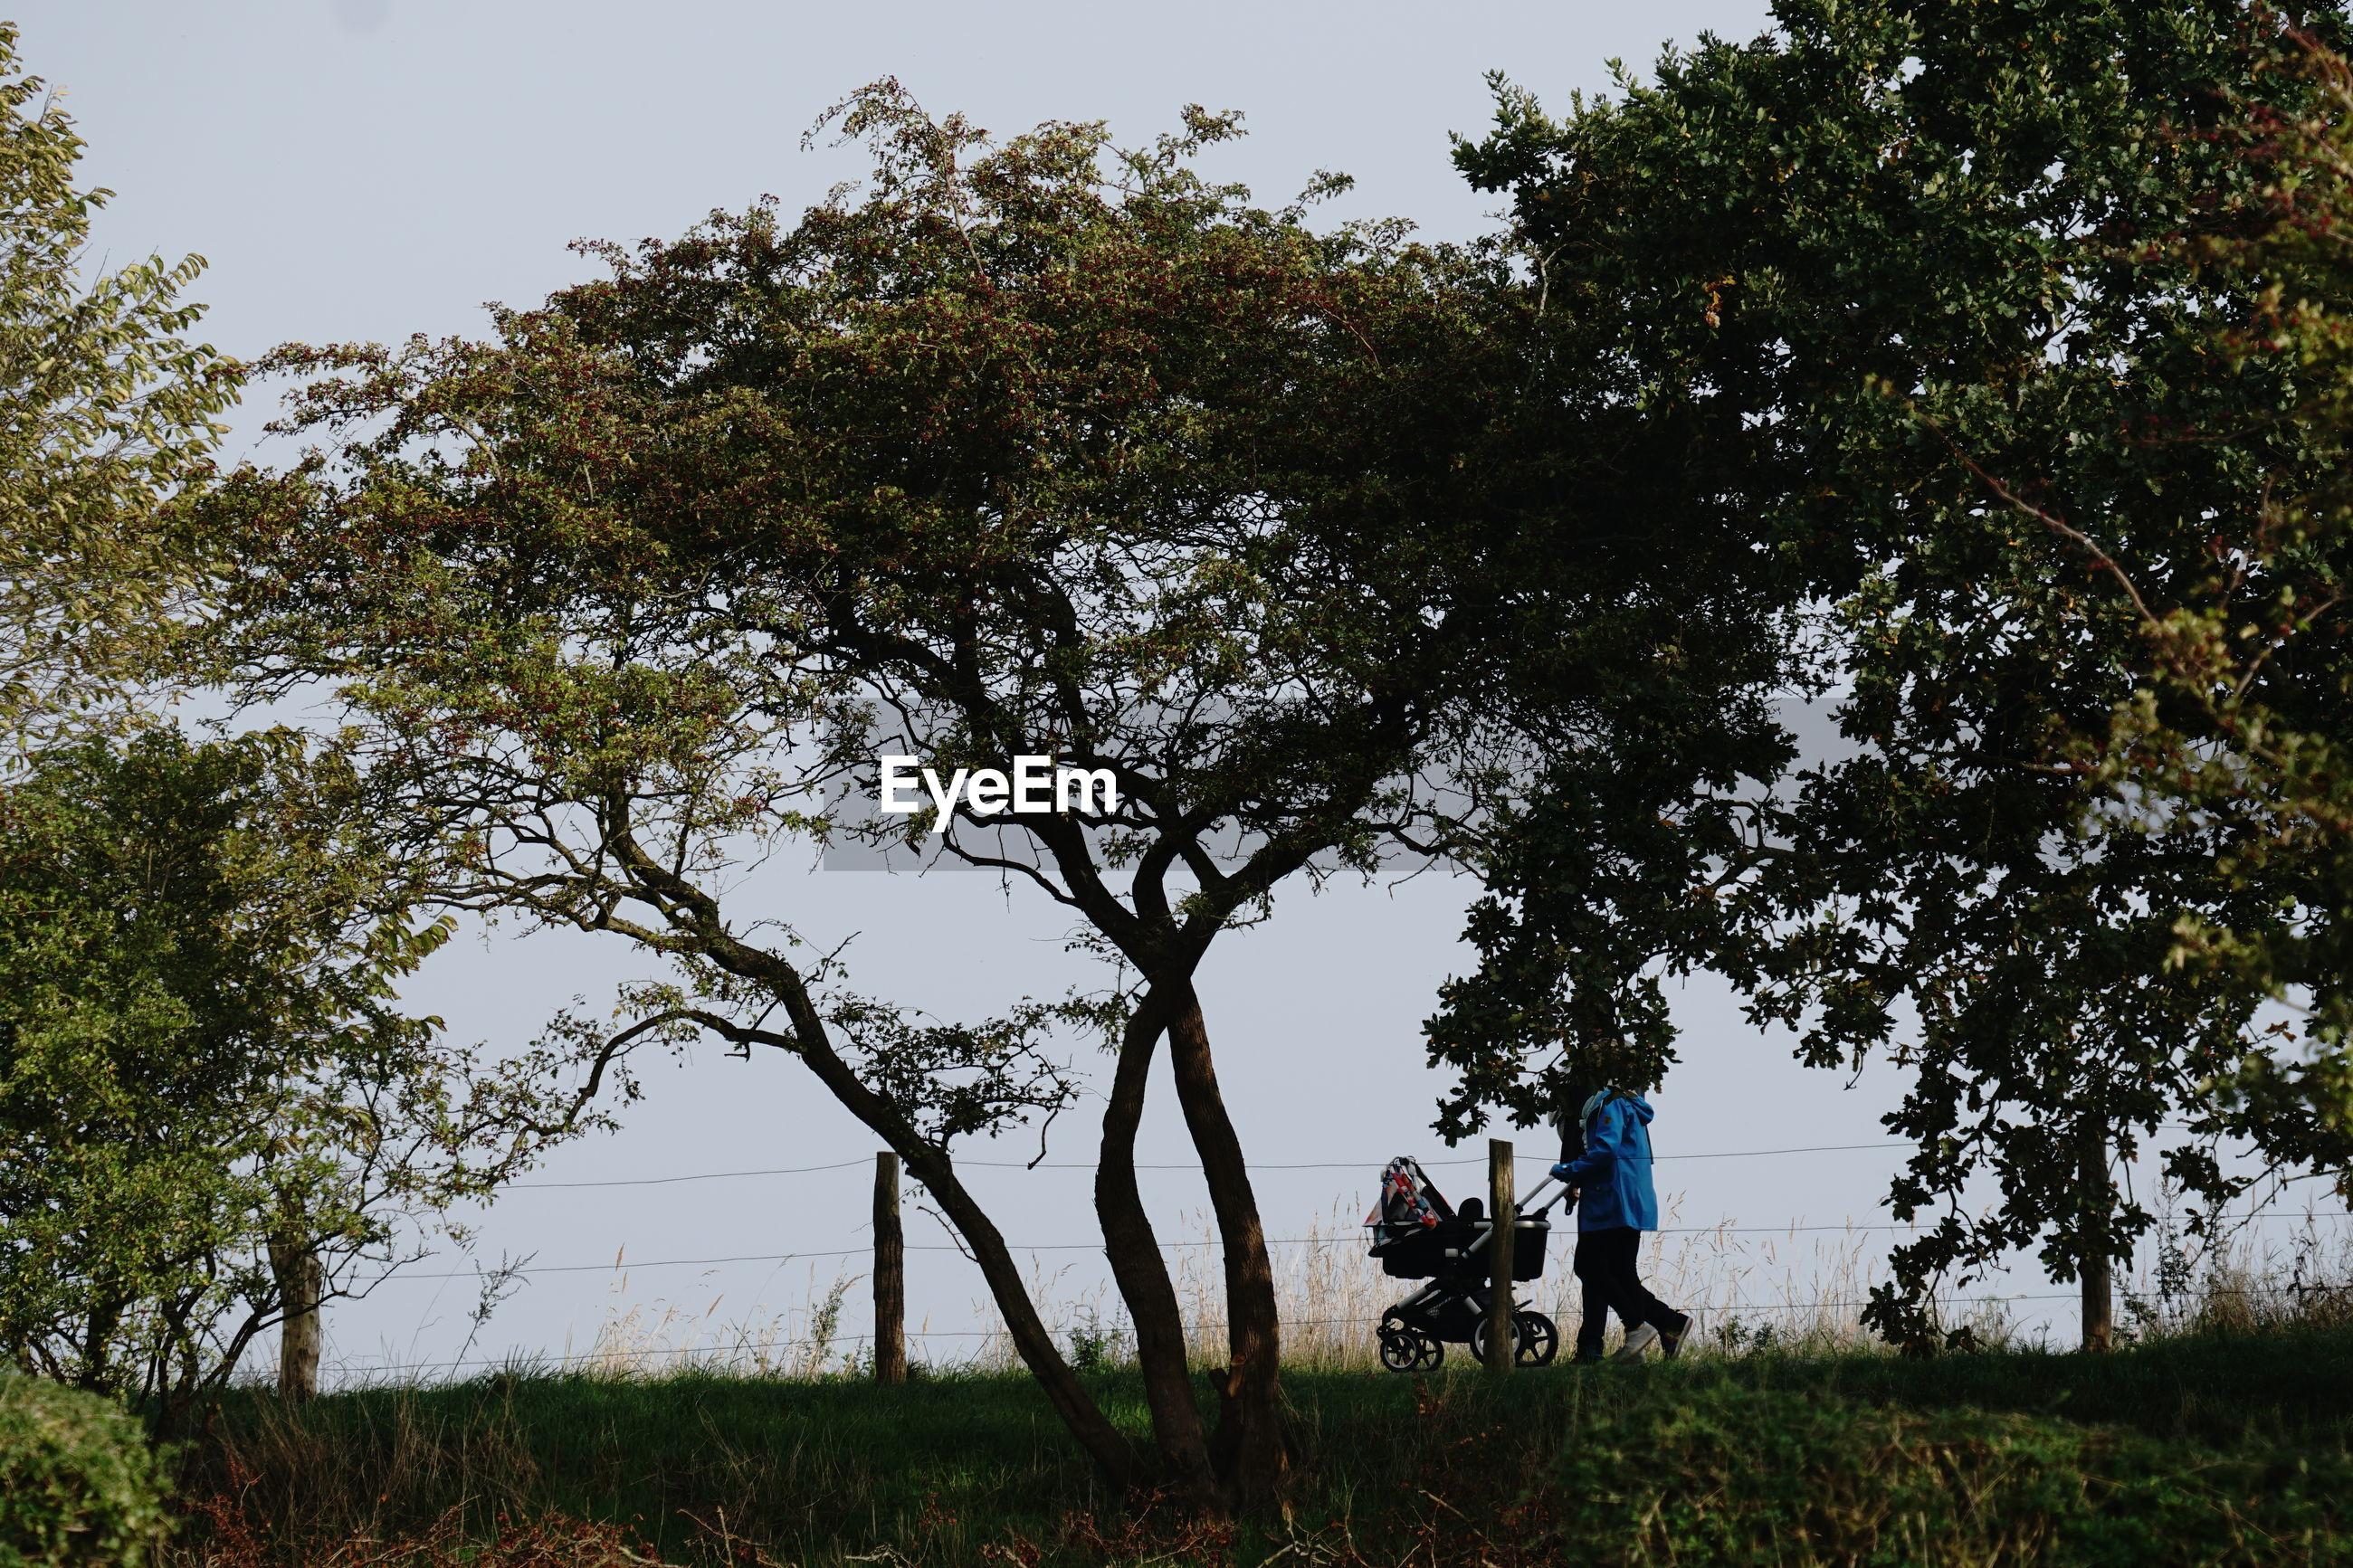 PEOPLE ON FIELD AGAINST TREES